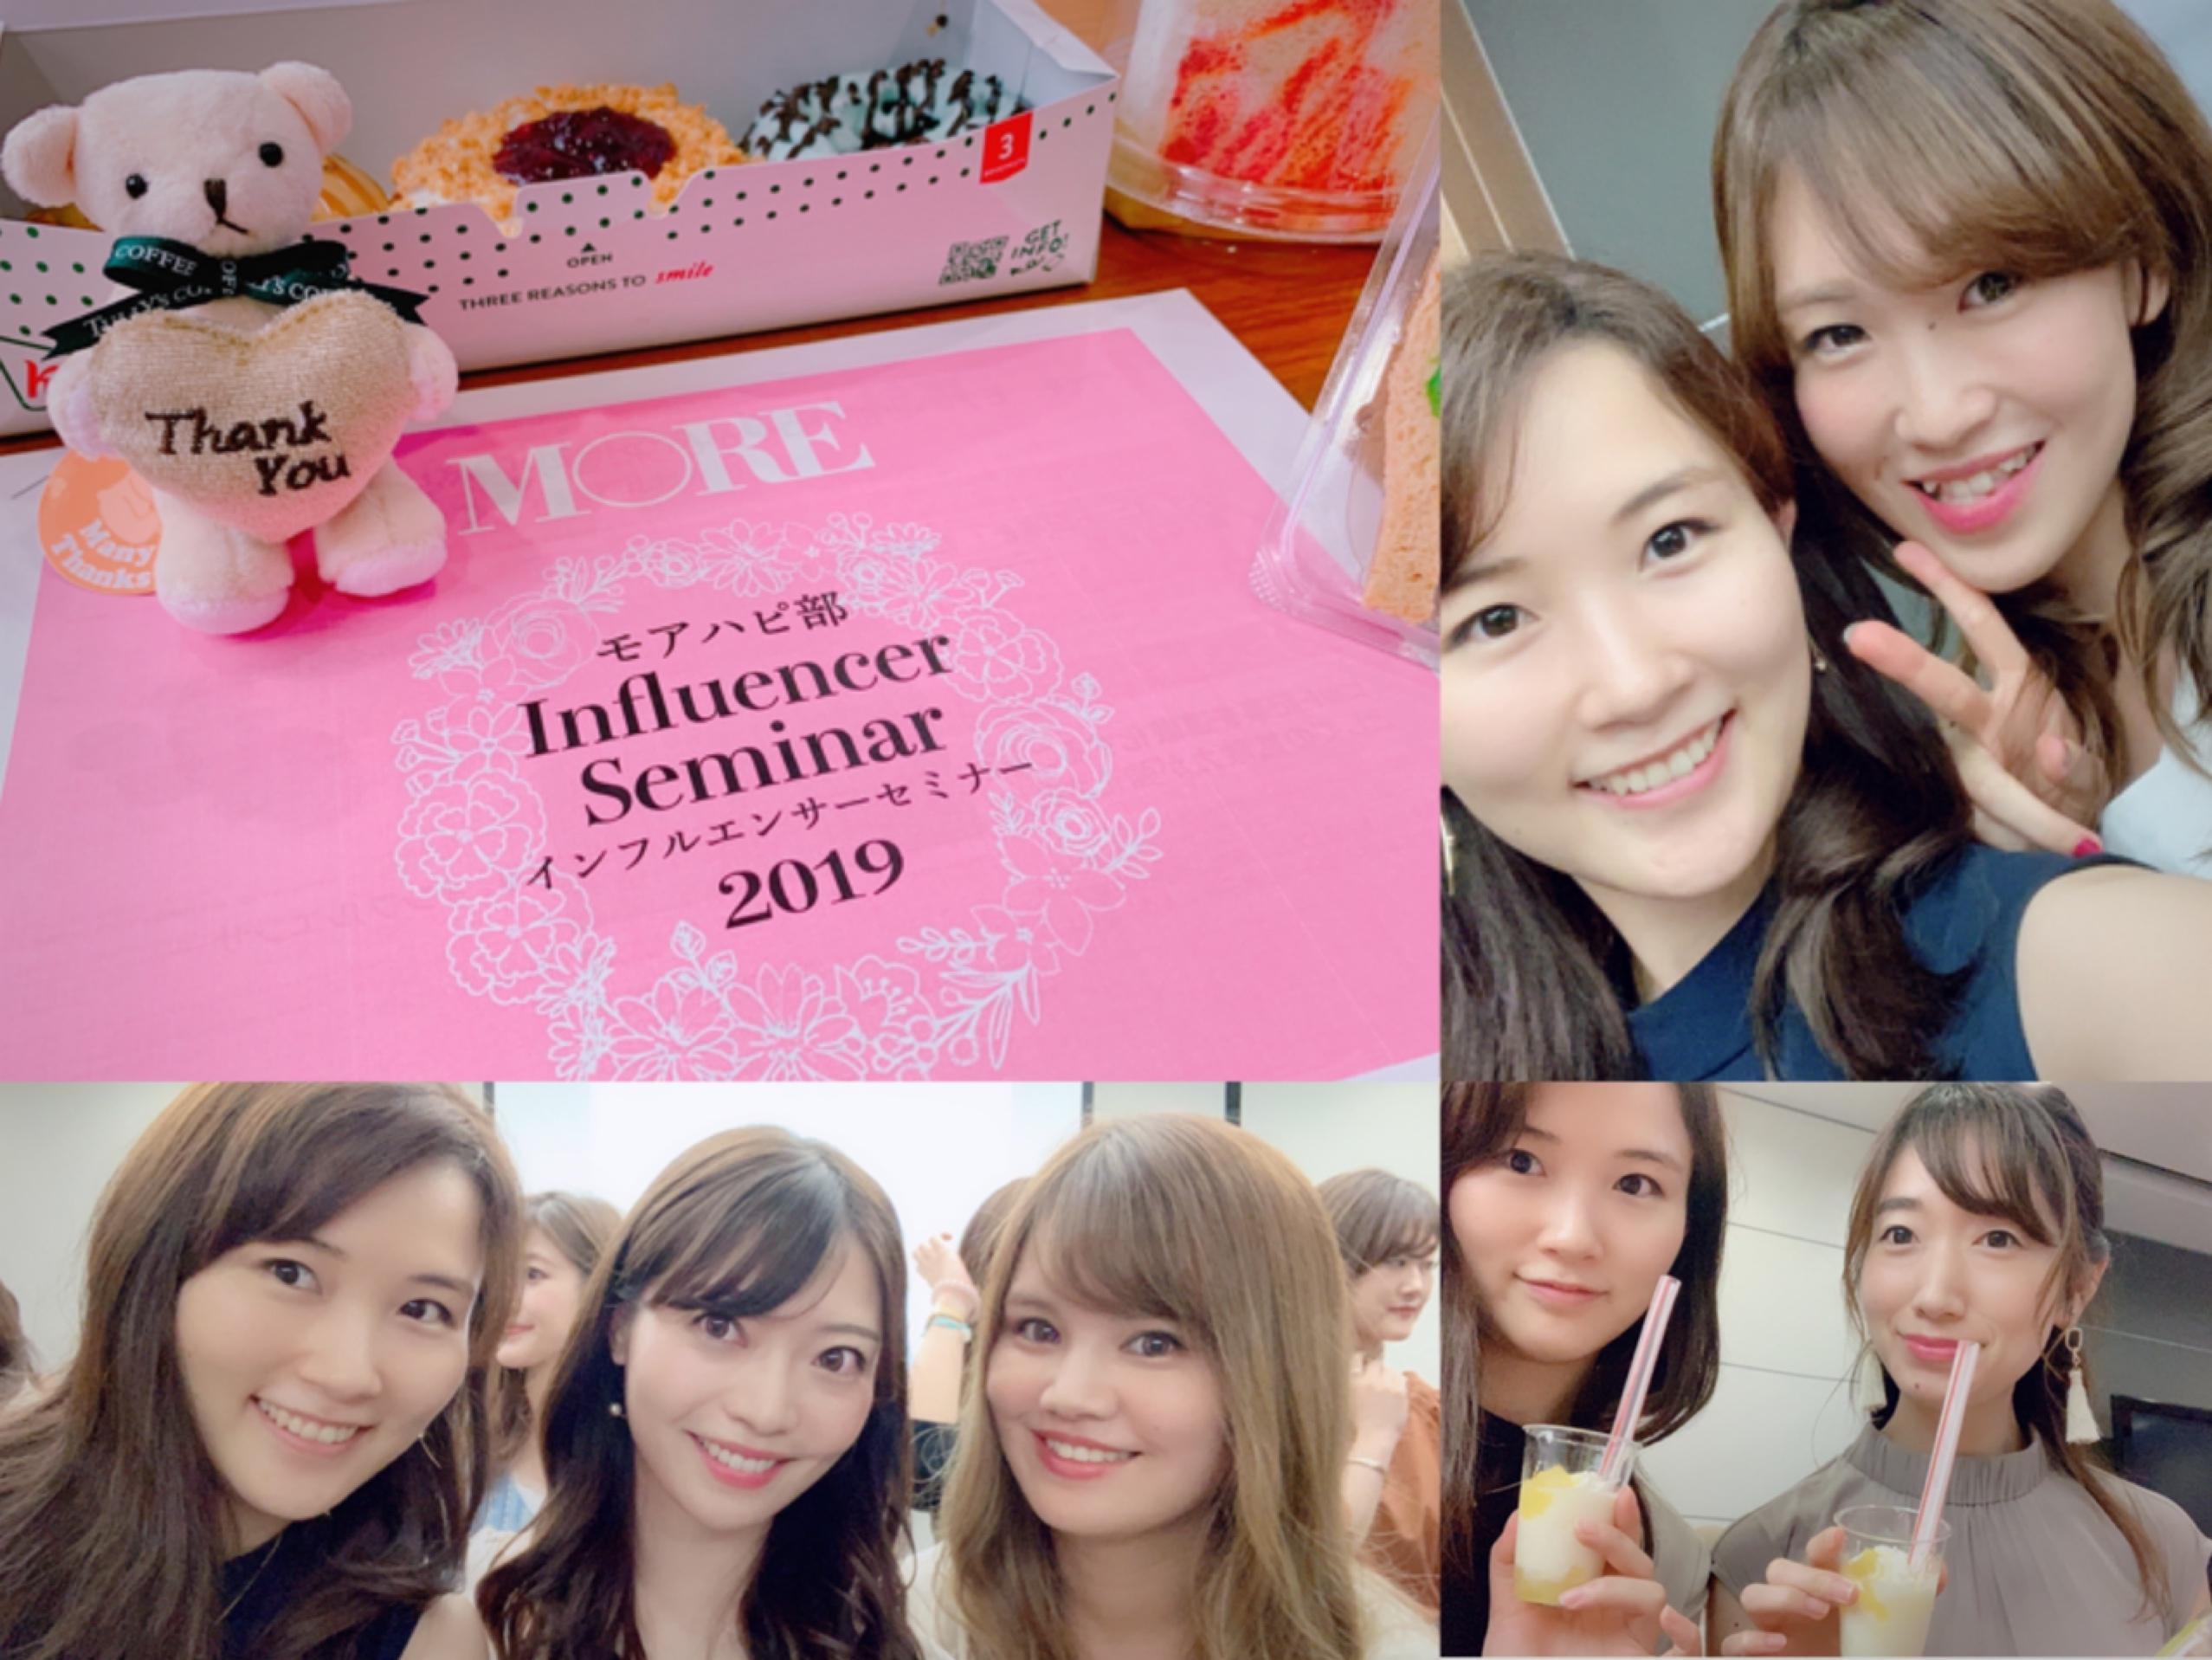 ▷【モアハピ☆セミナー開催!!】参加してきました⑅◡̈*_6